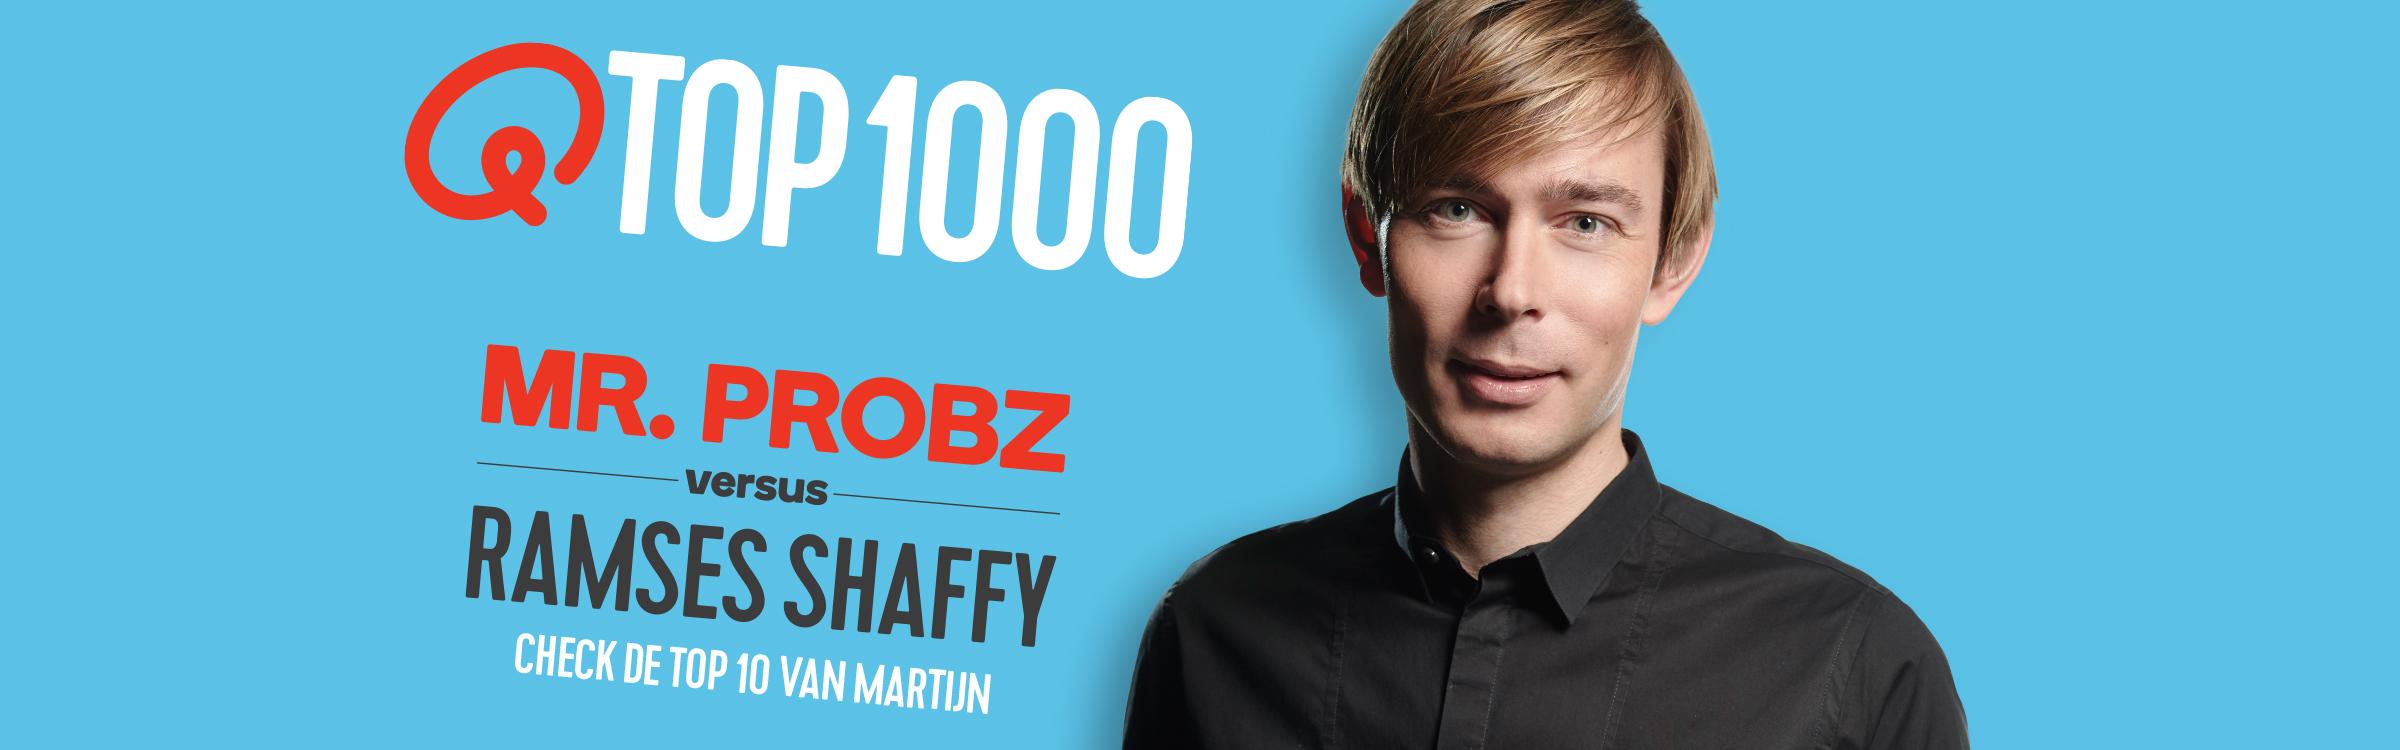 Qmusic actionheader top1000 djs martijn